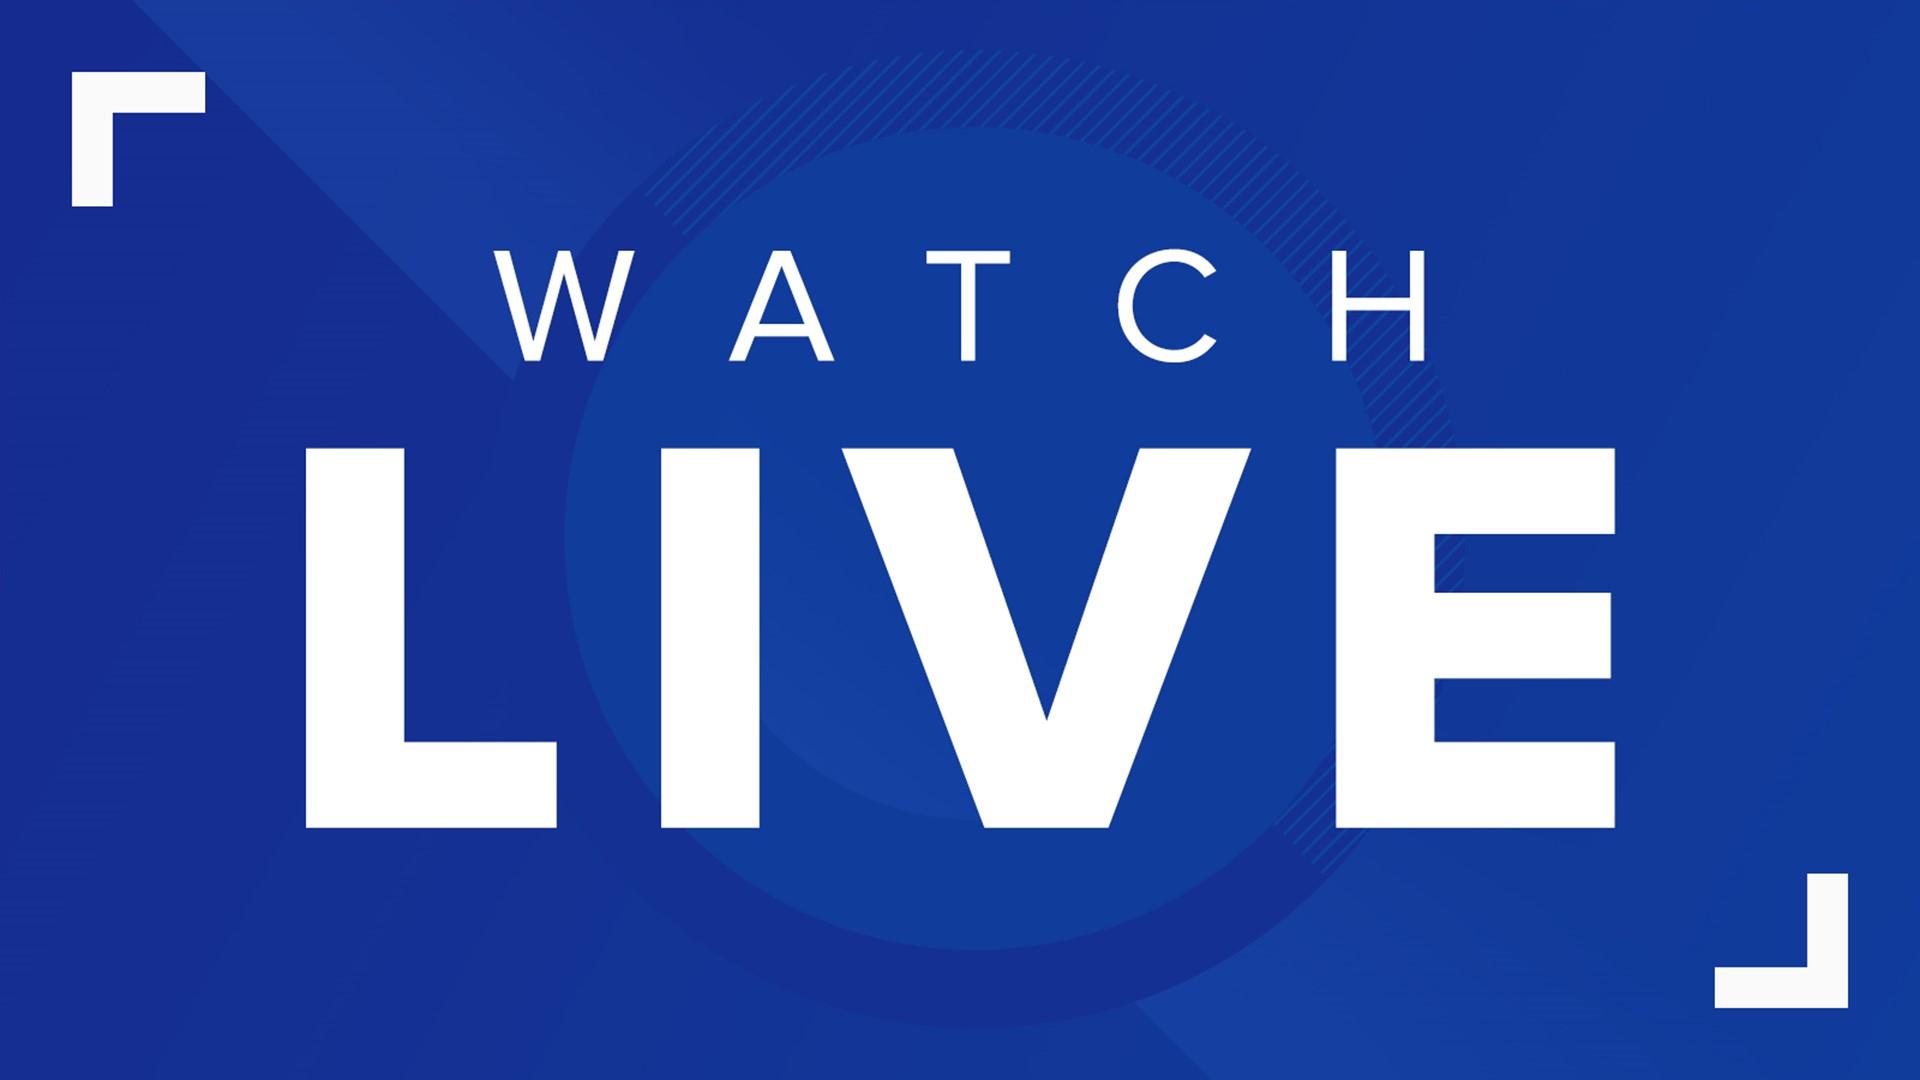 Ohio Gov Mike Dewine S Nov 12 Press Conference What To Expect Wkyc Com